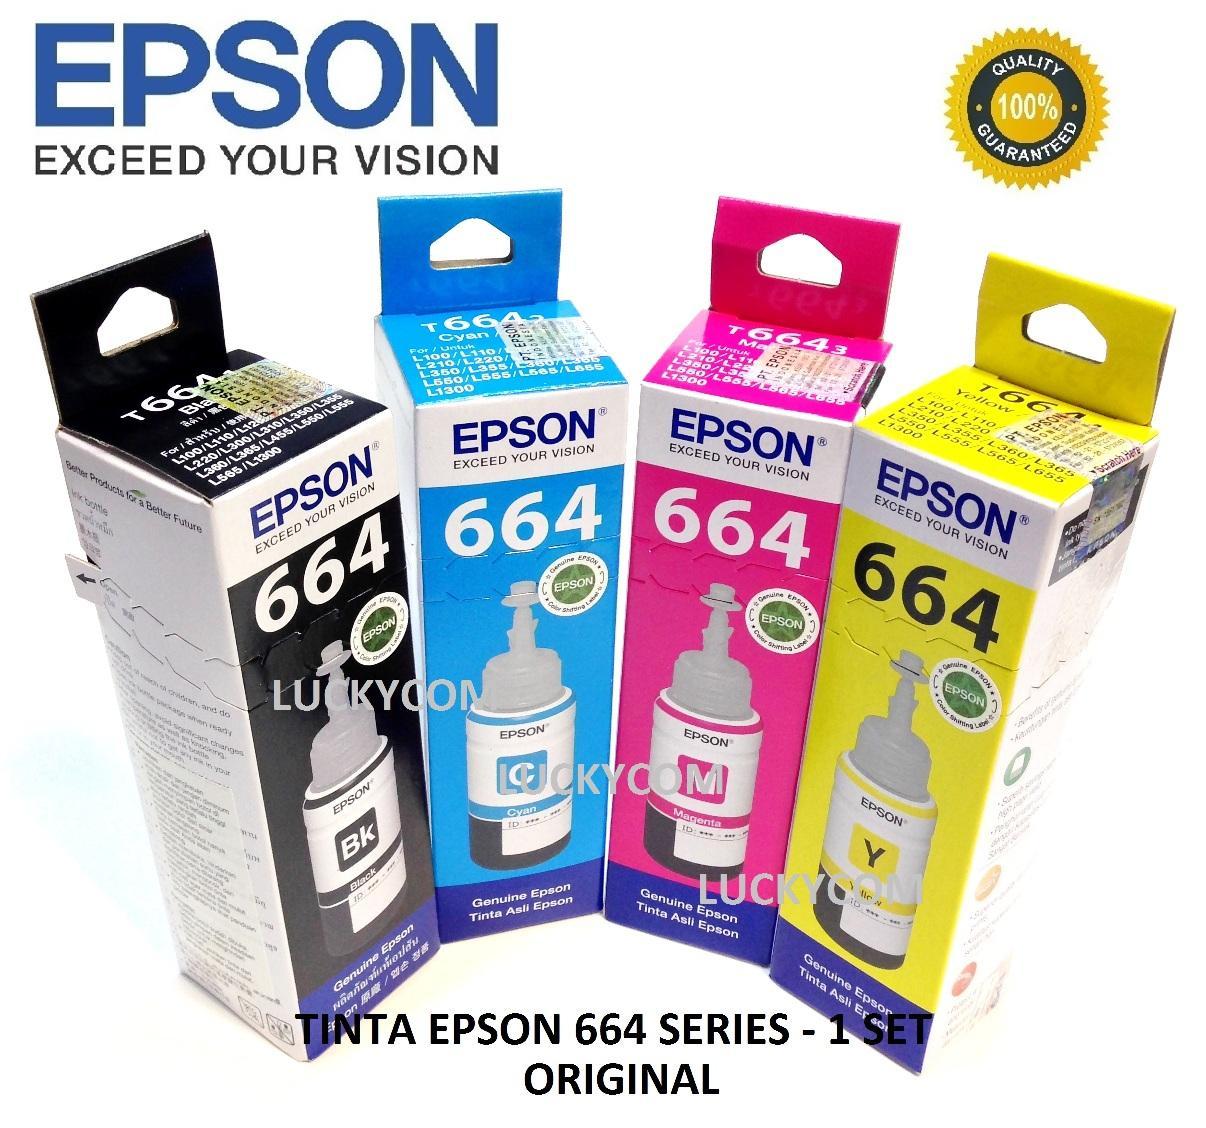 Jual Tinta Printer Termurah Terlengkap Hp 803 Black Dan Color Original Paketan Epson T664 Series Ink Bottle For L120 L220 L360 L380